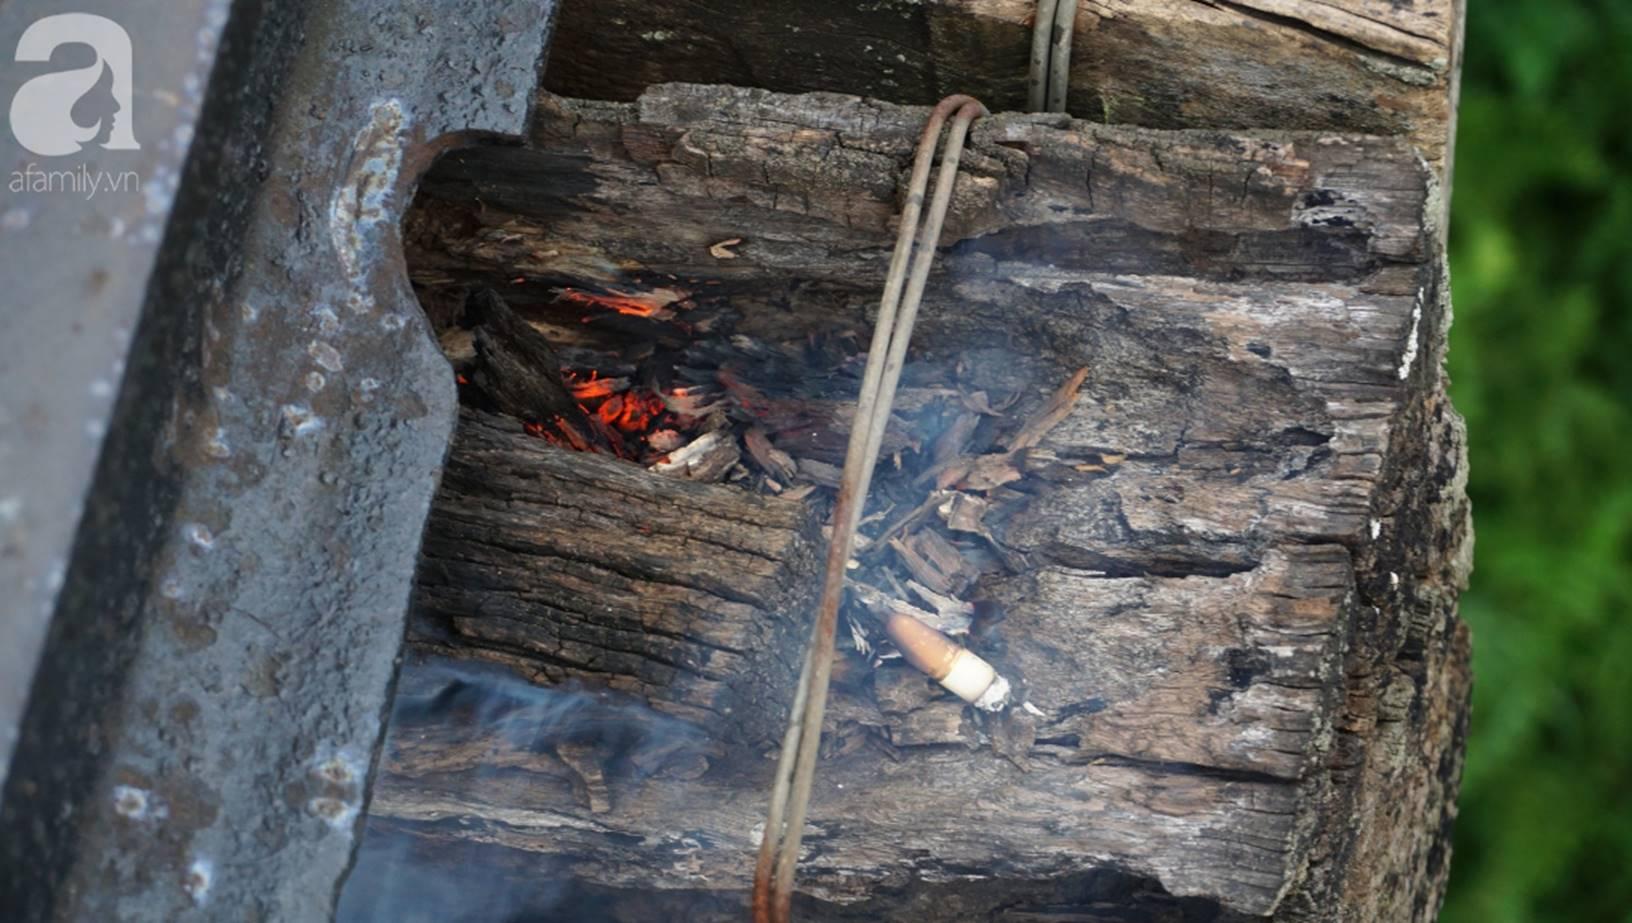 Hà Nội: Vứt tàn thuốc gây cháy dầm gỗ cầu Long Biên, nhóm nam thanh nữ tú vẫn vô tư chụp ảnh sống ảo trên đường ray-5